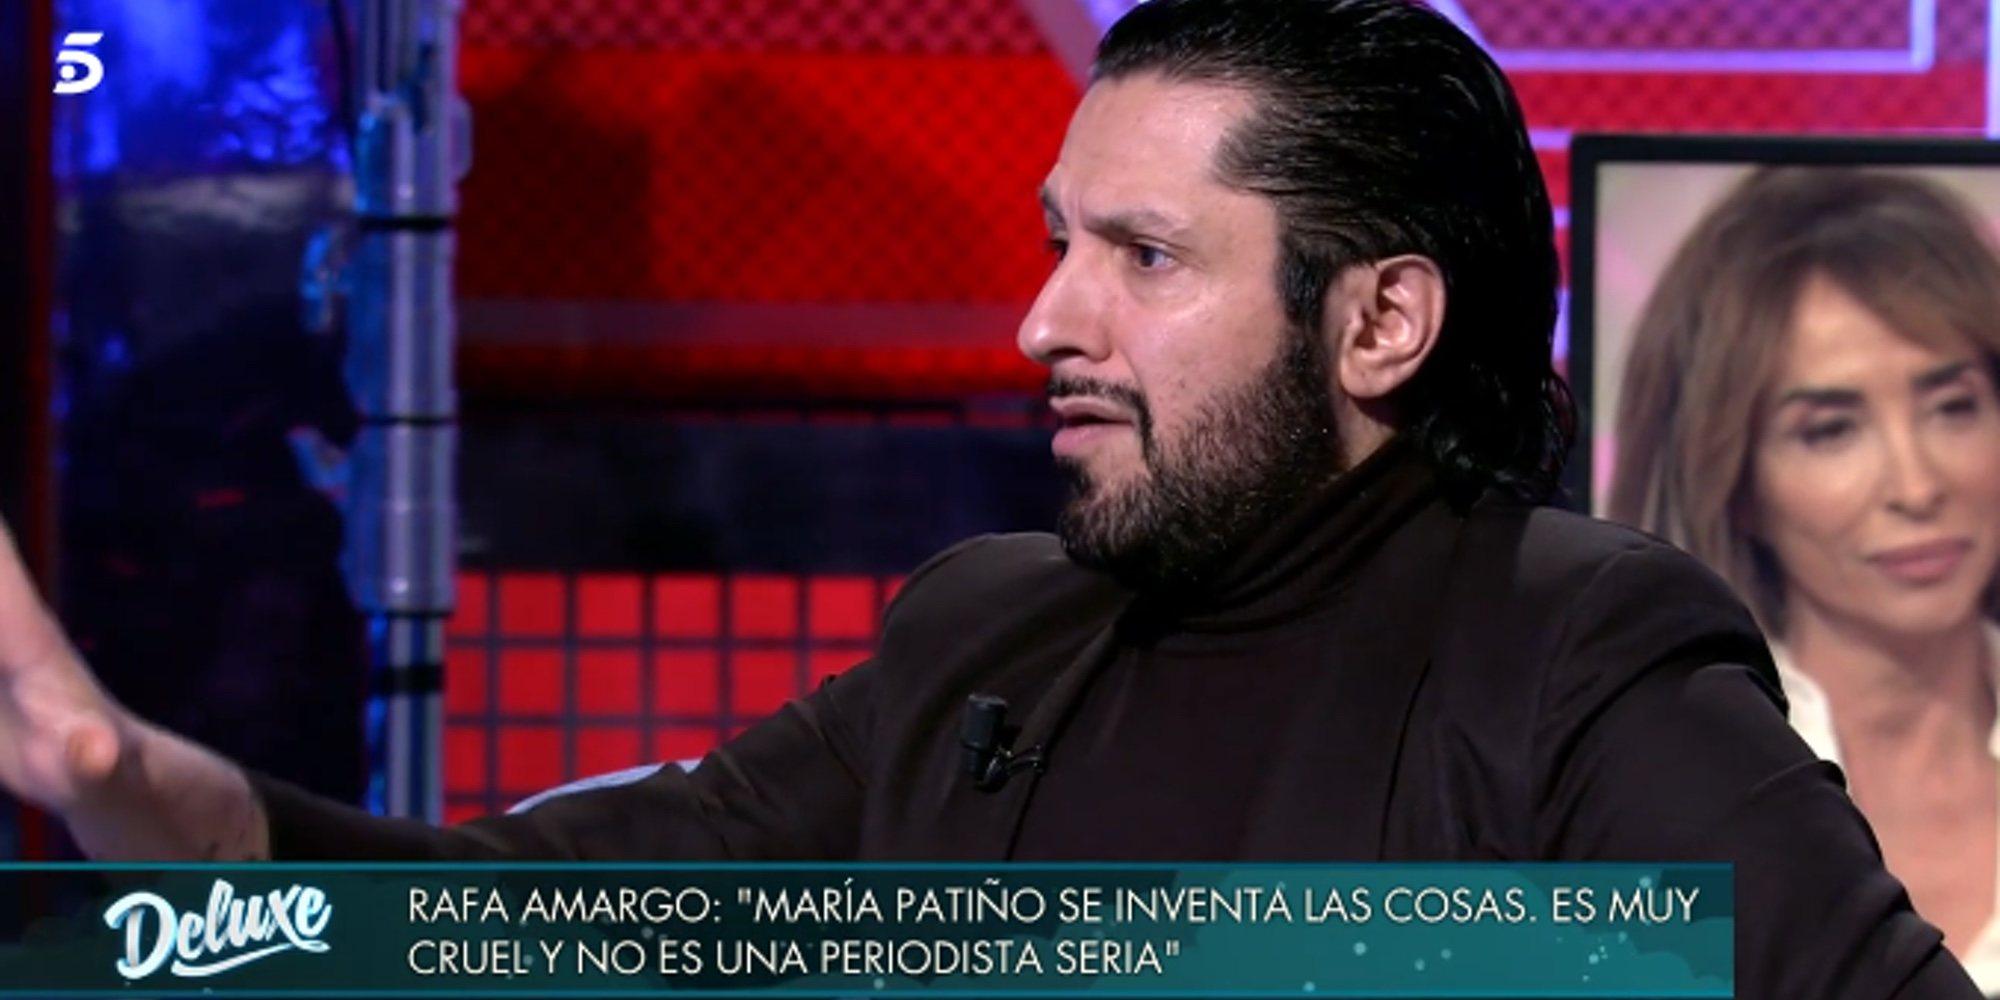 """Rafael Amargo vuelve a atacar a María Patiño: """"Es maquiavélica y la que mueve los hilos"""""""